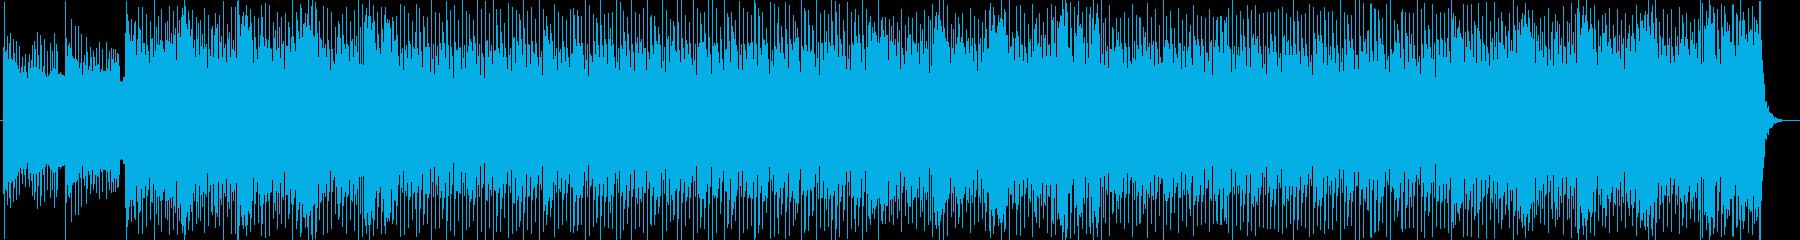 疾走感がありクールなポップハウスの再生済みの波形